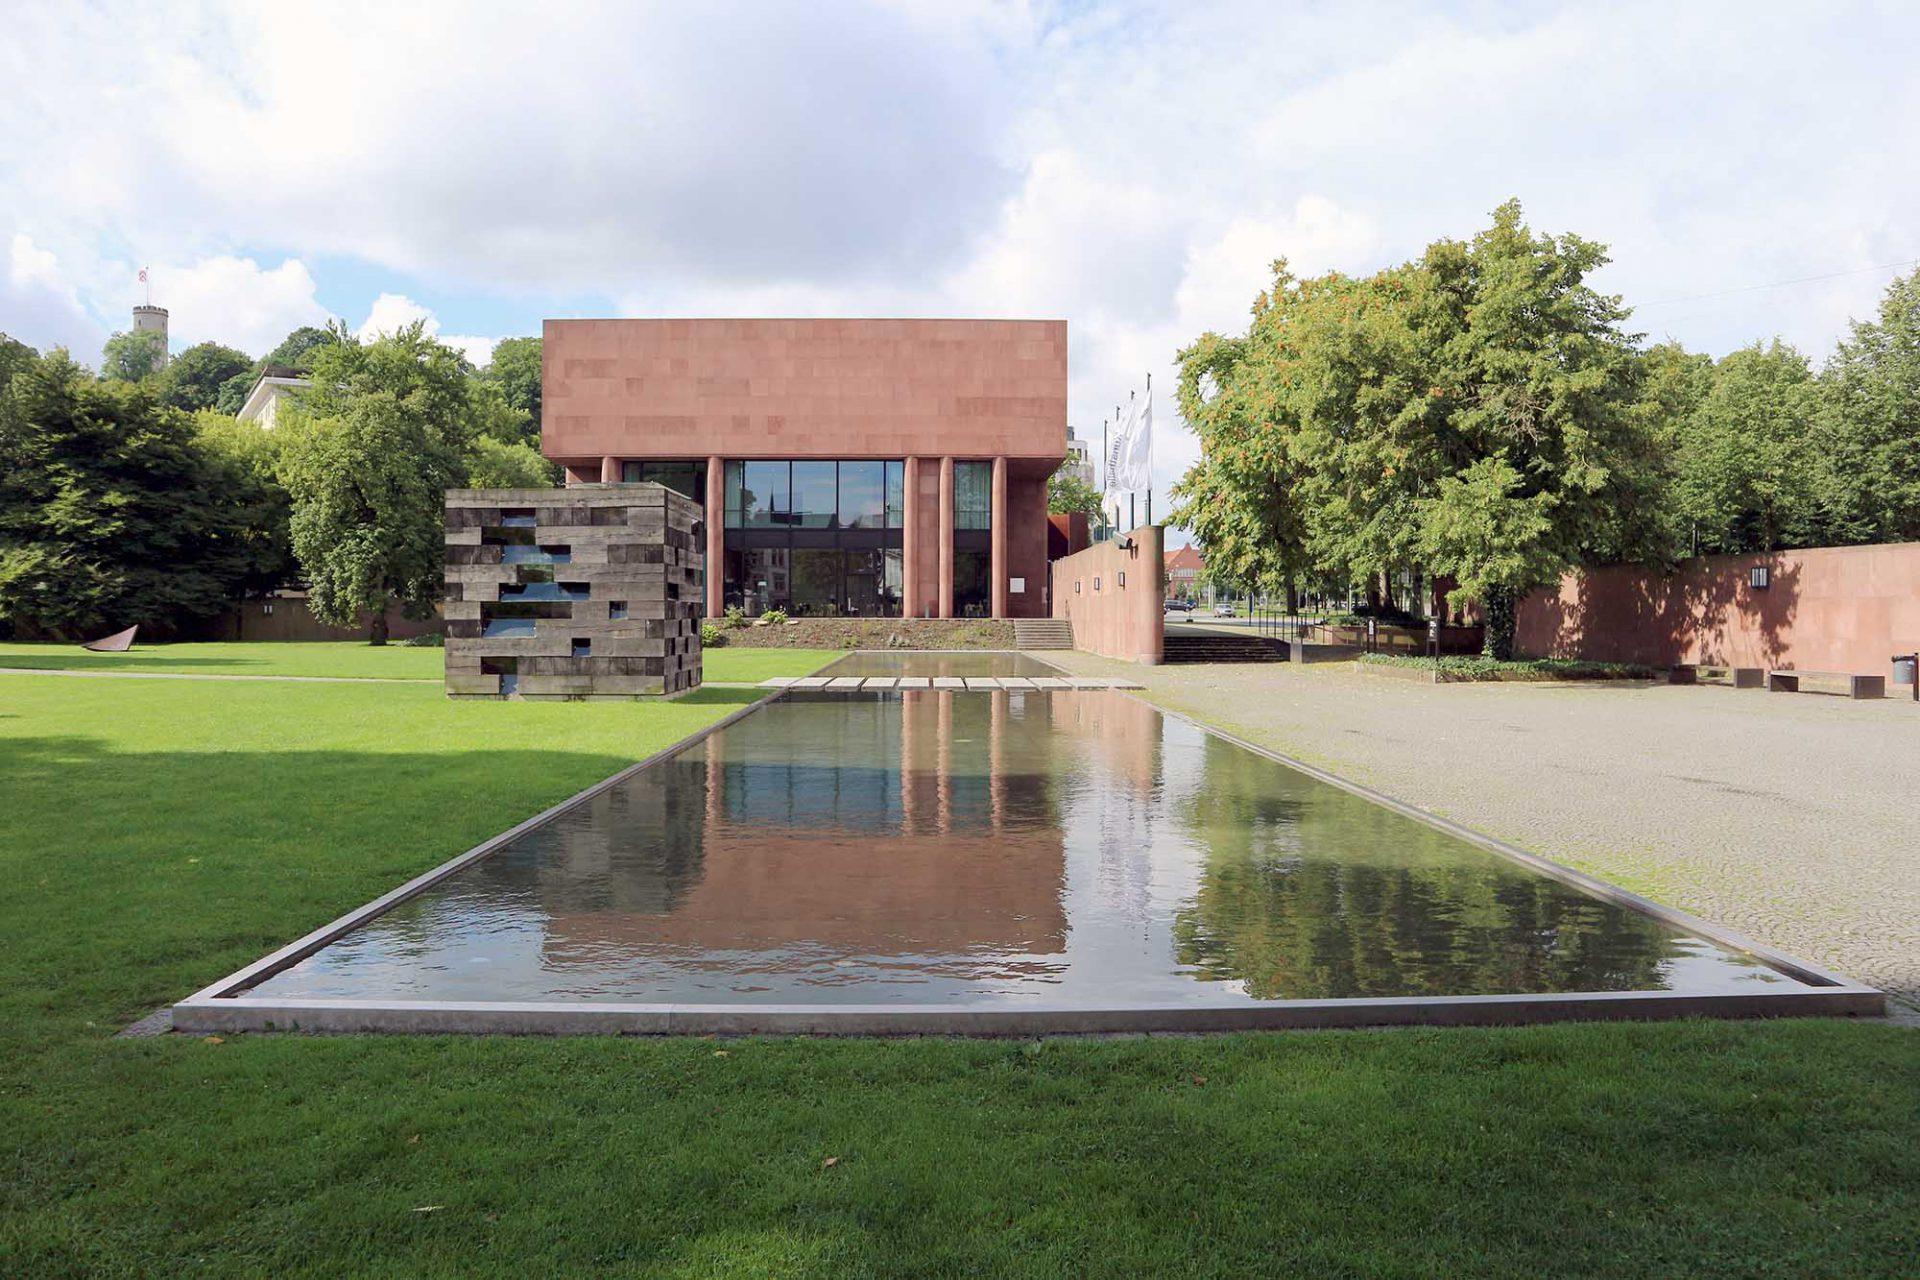 Kunsthalle Bielefeld. Seit seiner Eröffnung 1968 ein großes Glück für die Stadt. Entwurf: Philip Johnson und 1968 fertiggestellt.